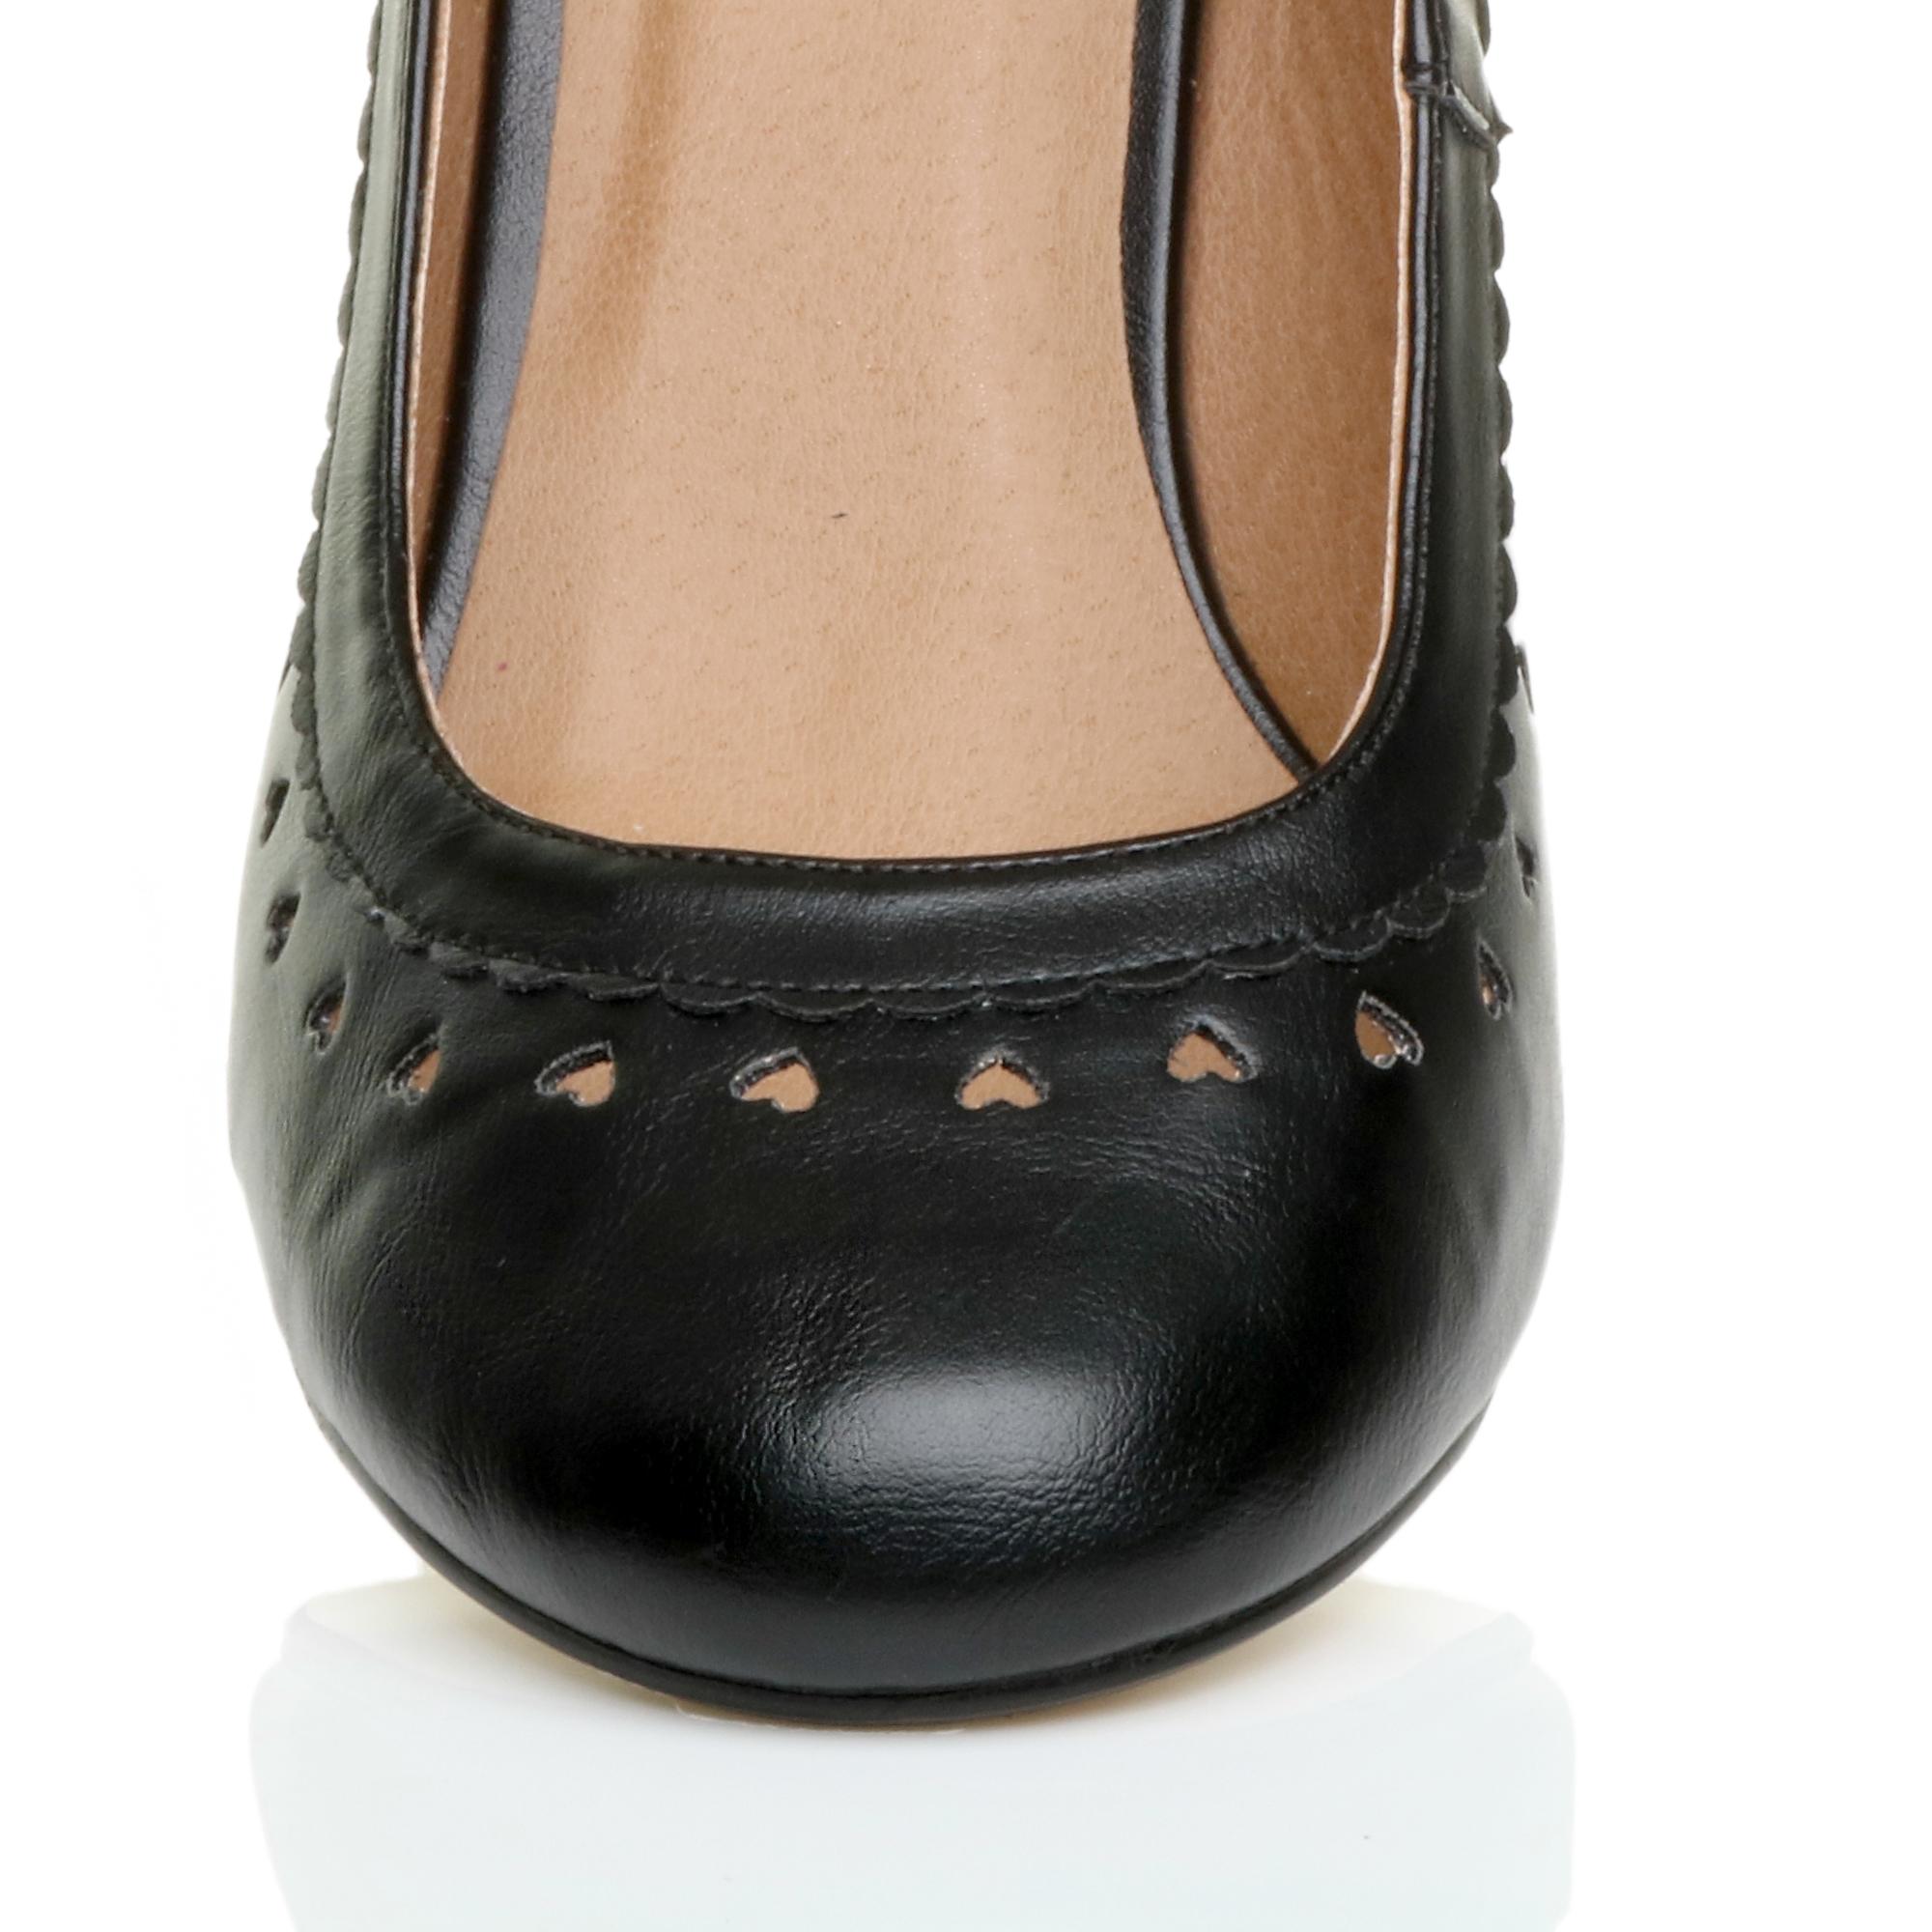 miniatura 9 - Da Donna con Tacco Basso Cinturino Alla Caviglia Mary Jane Stile Scarpe Eleganti Lavoro Pompe Dimensione